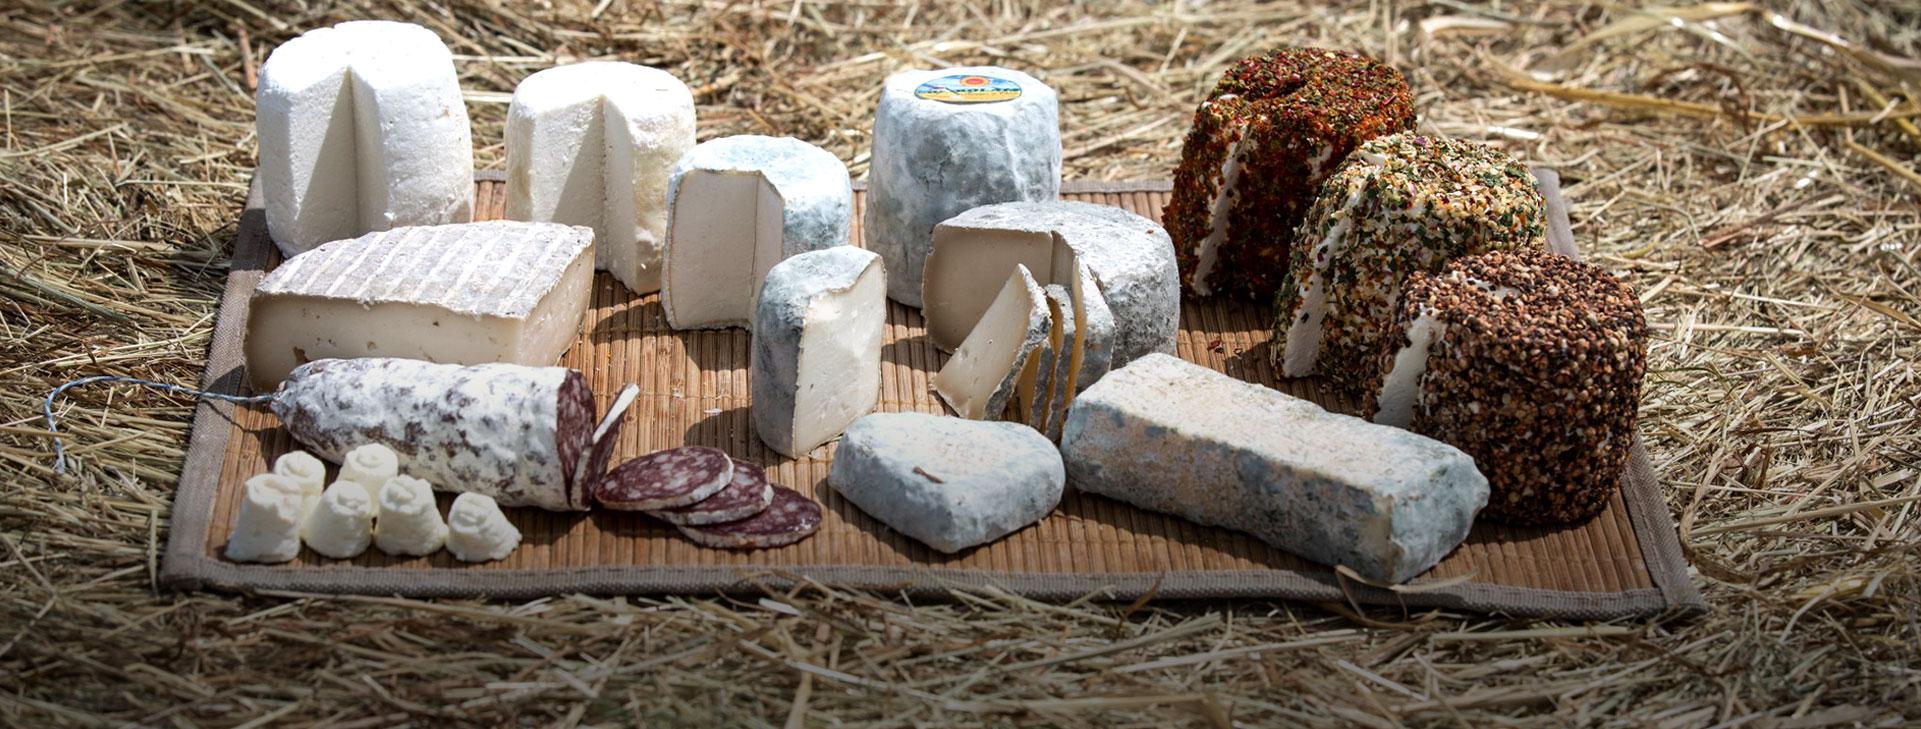 gaec-bien-vivants-fromage-de-chevre-slider-6